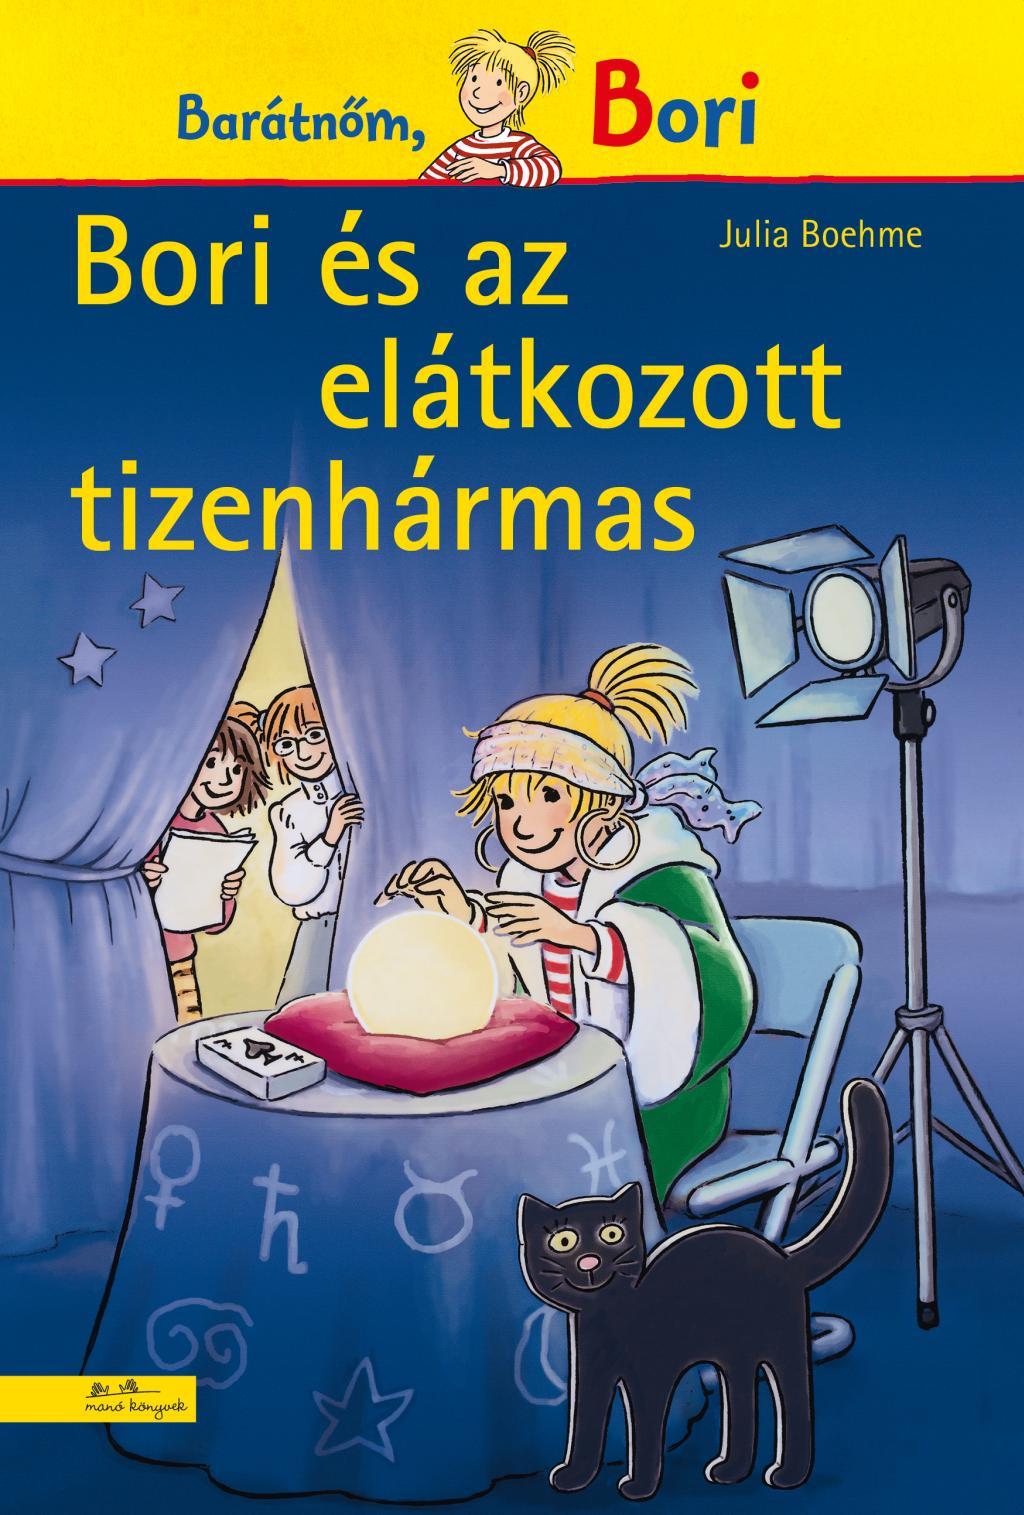 Bori és az elátkozott tizenhármas - Bori regény 16.